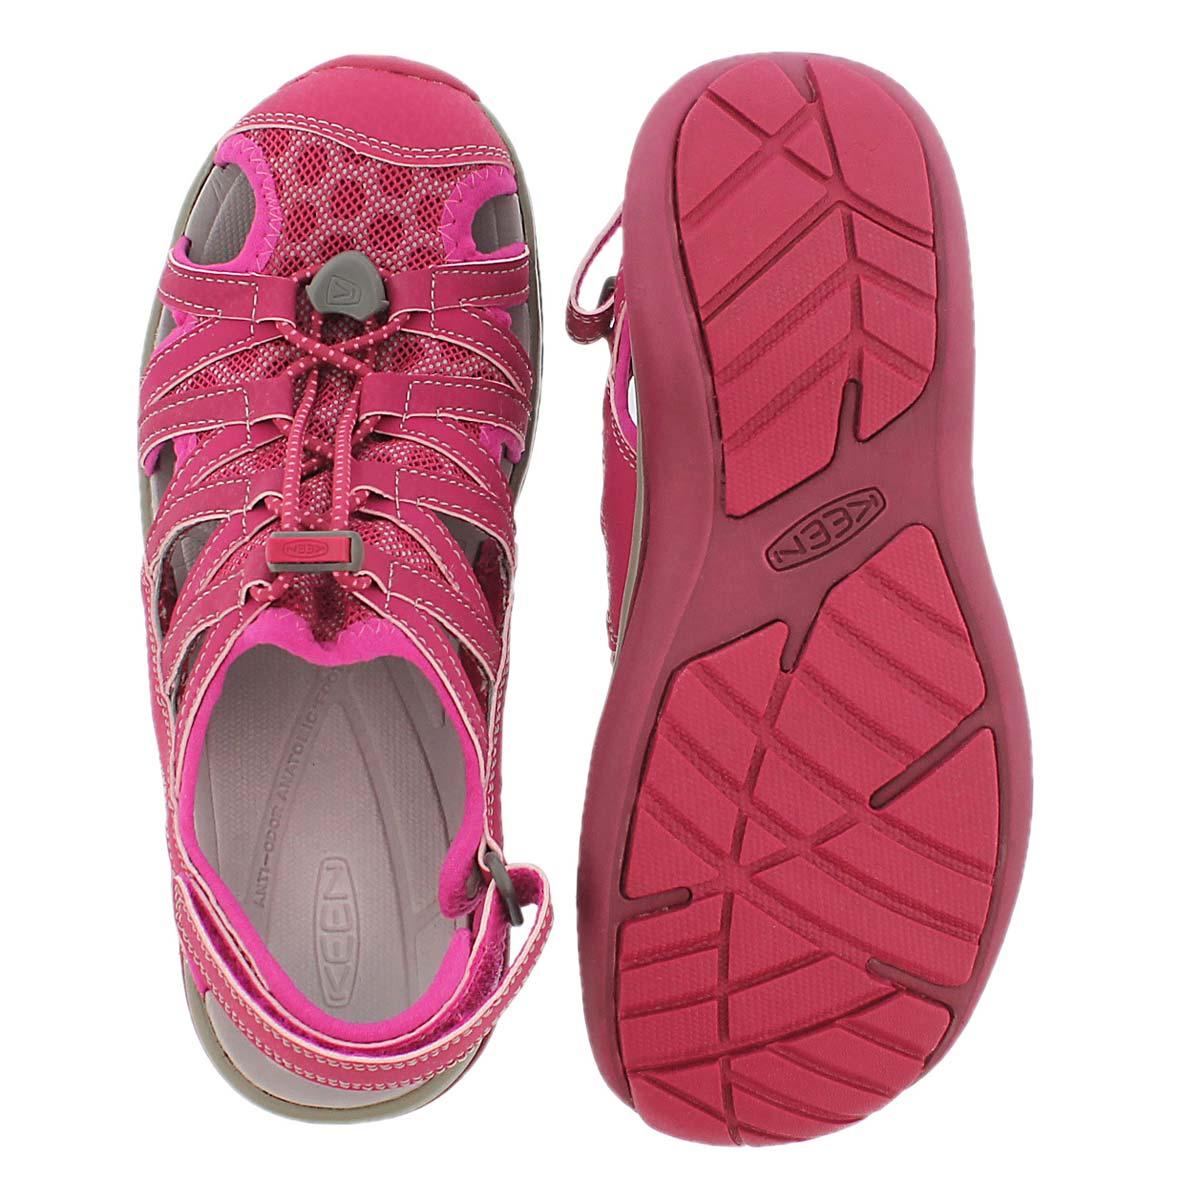 Sandale sport Sage, sangria, femmes